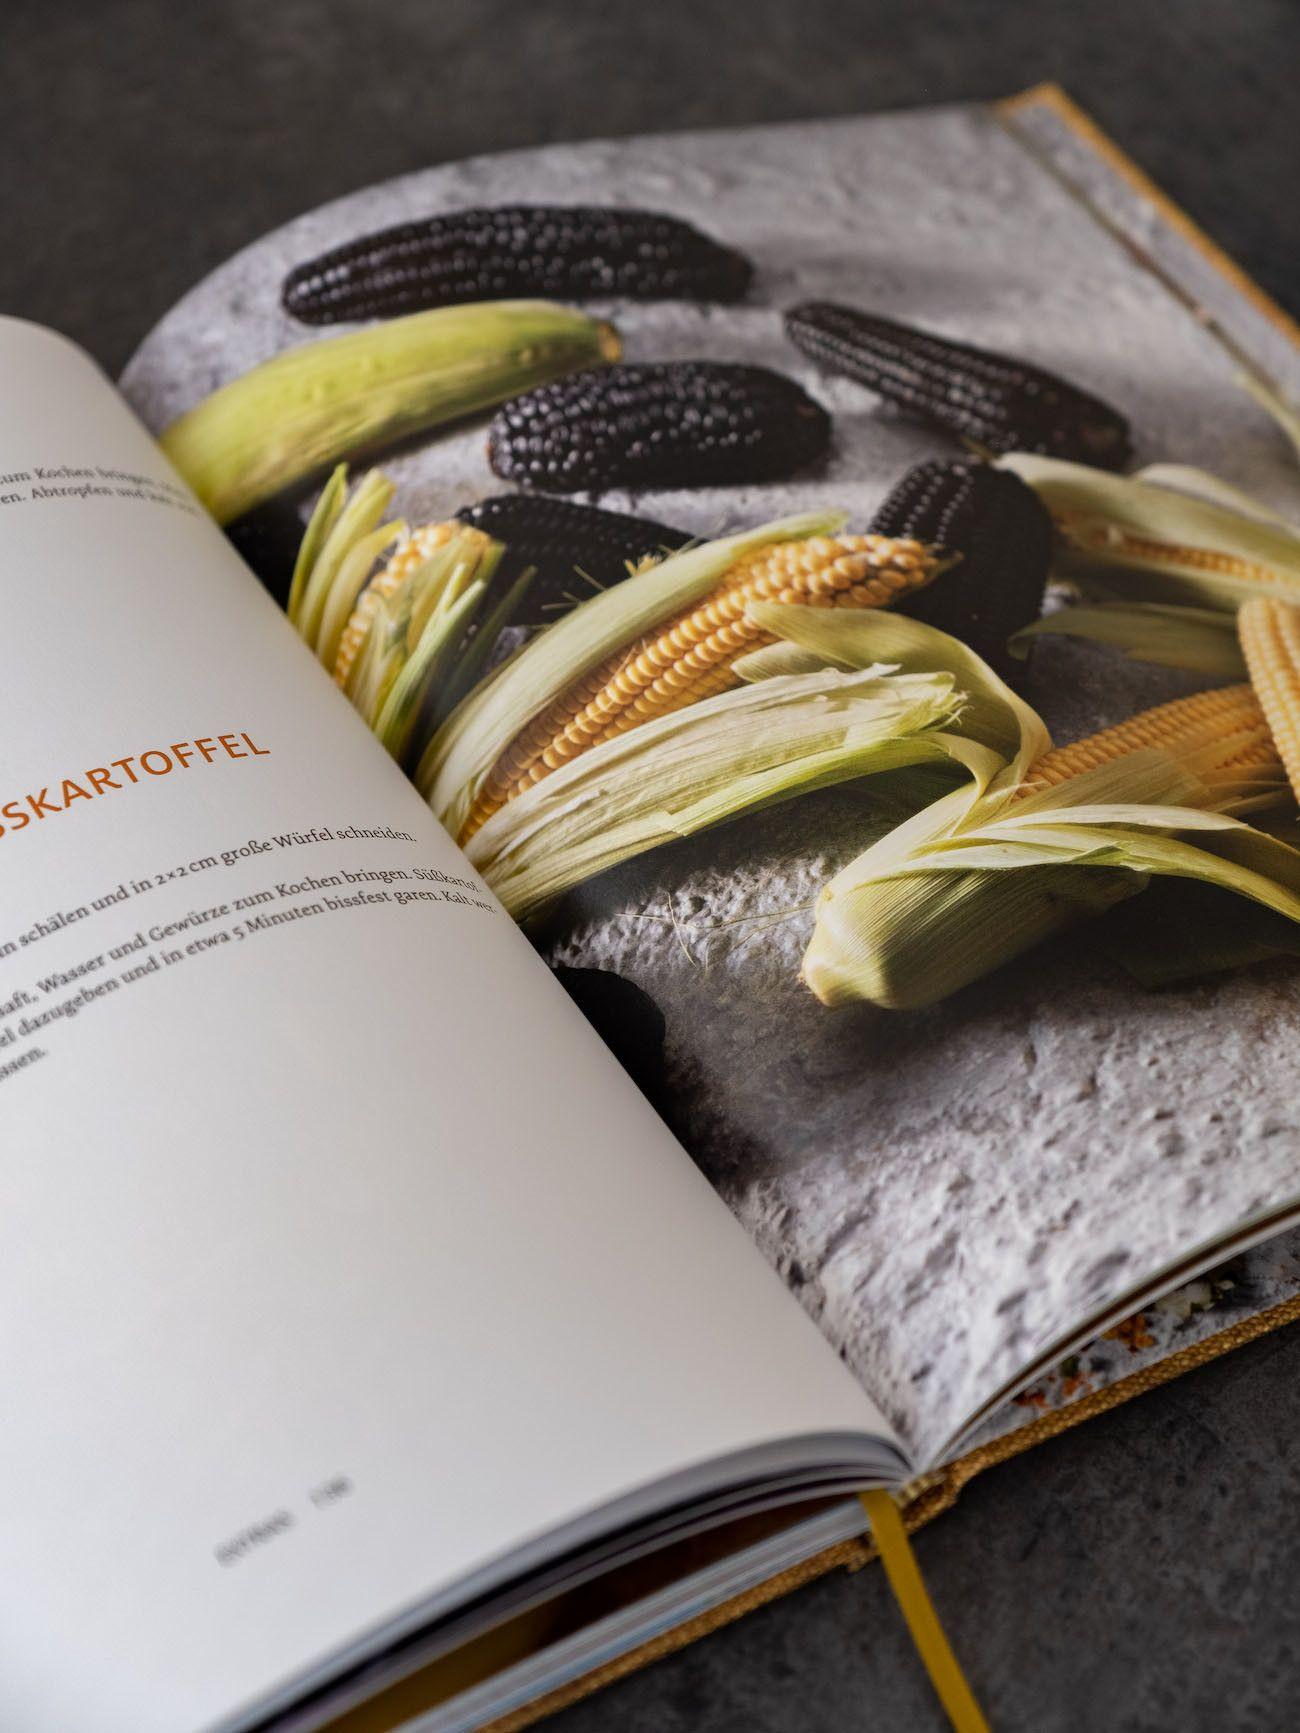 Foodblog, About Fuel, CEVICHE Das Kochbuch, Juan Danilo, Mais, Kochbuch